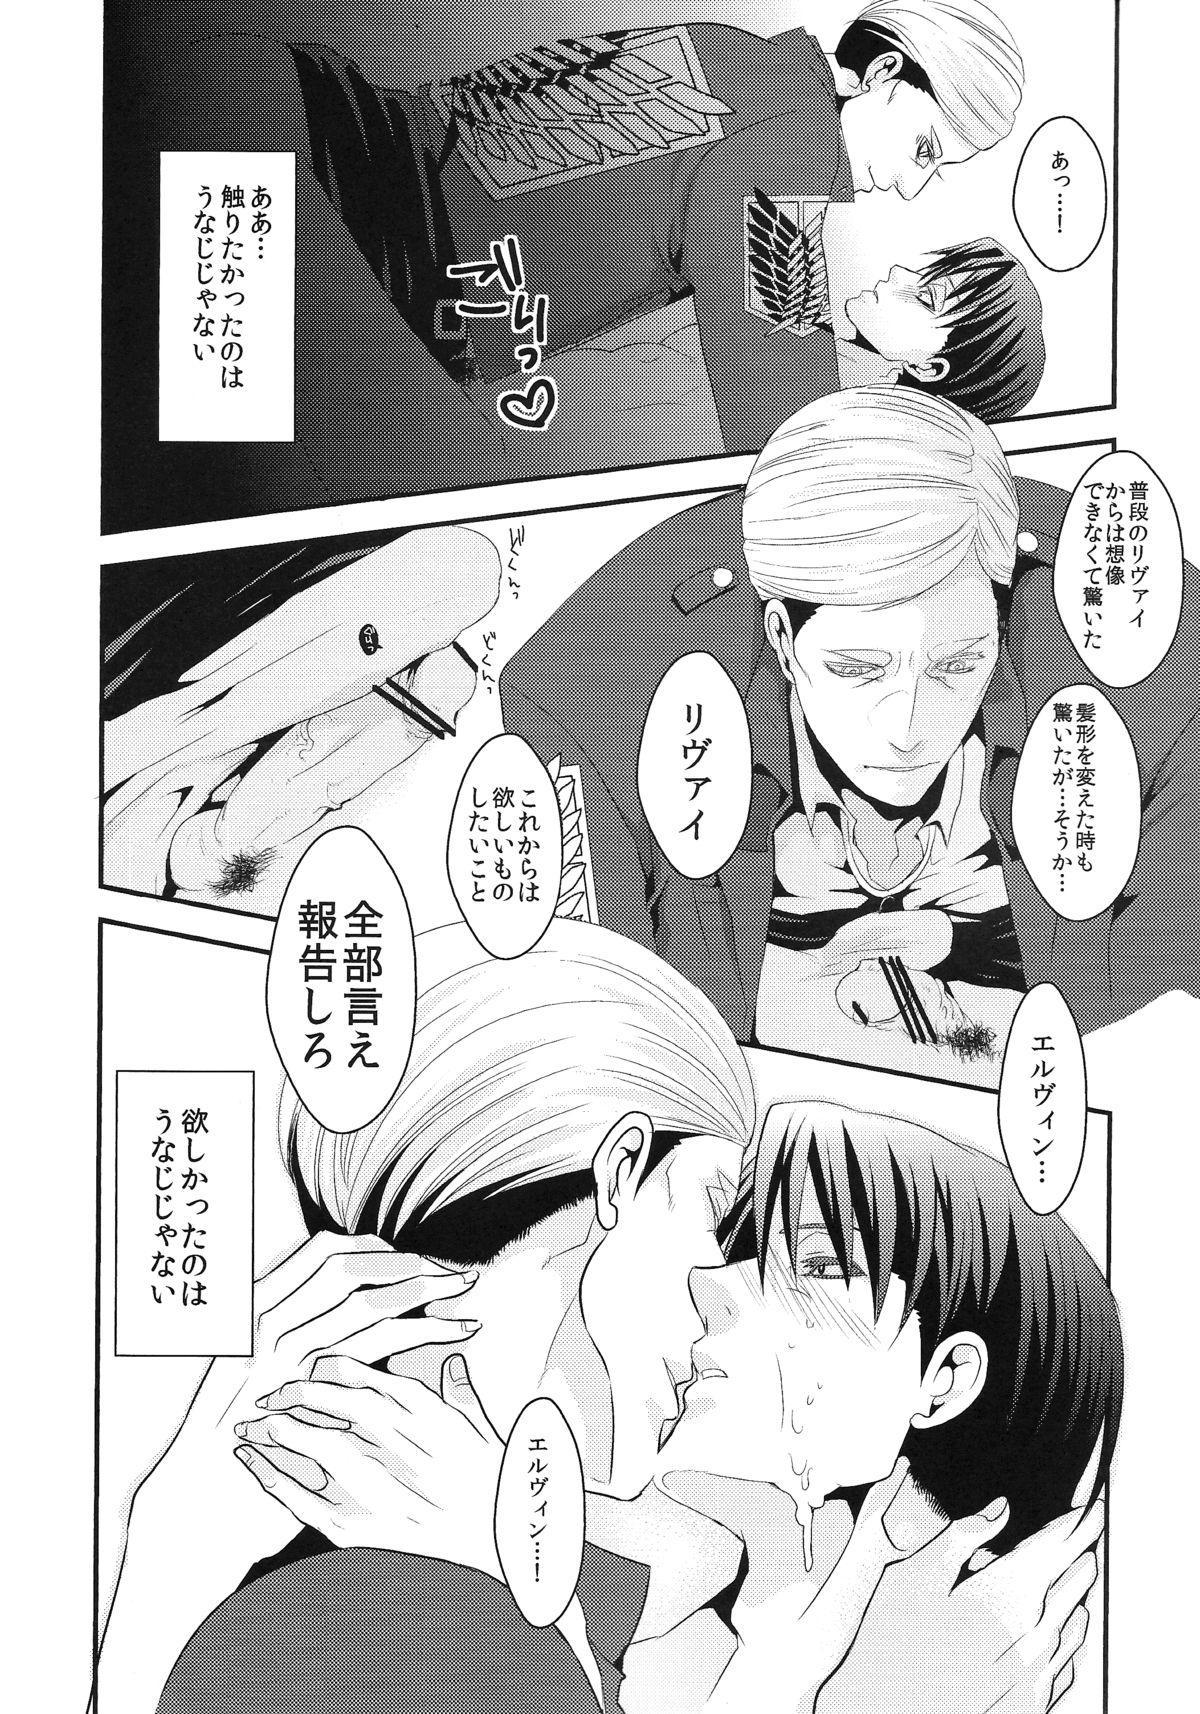 Ore no Kangaeta Ichiban Kantan na Kaiketsu Houhou o Warau Yatsu Korosu 19